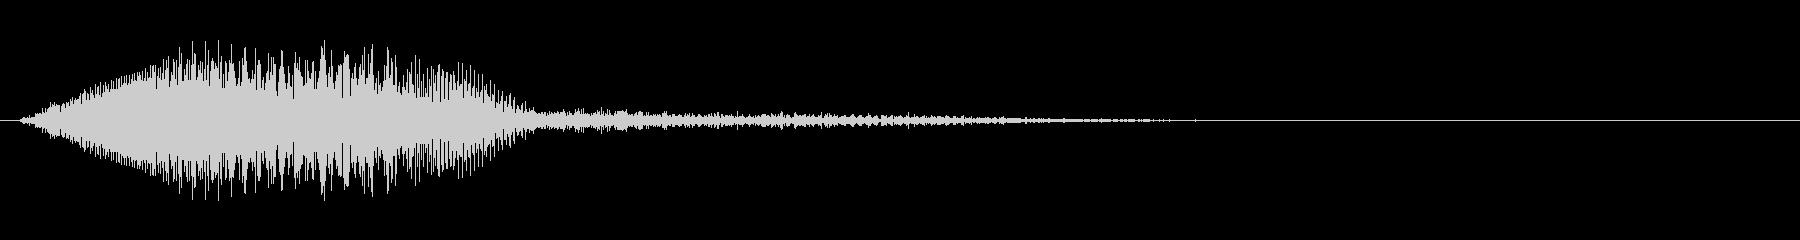 タララポン(和風キャンセル音)の未再生の波形